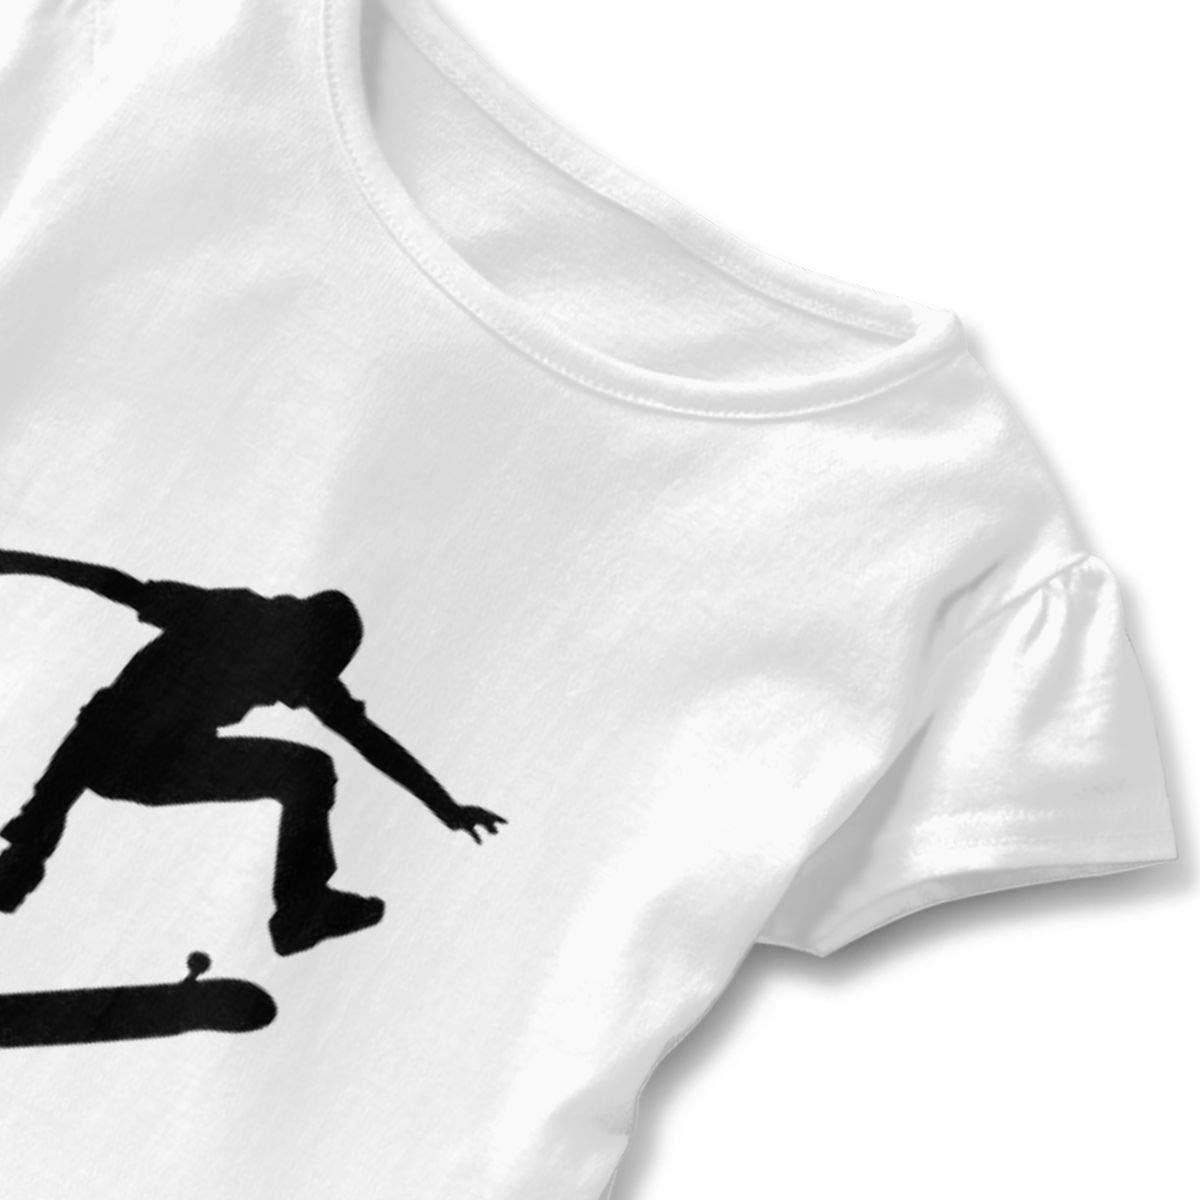 Kwai-h Skateboard Outdoor Lover Short-Sleeve Tunic T-Shirt